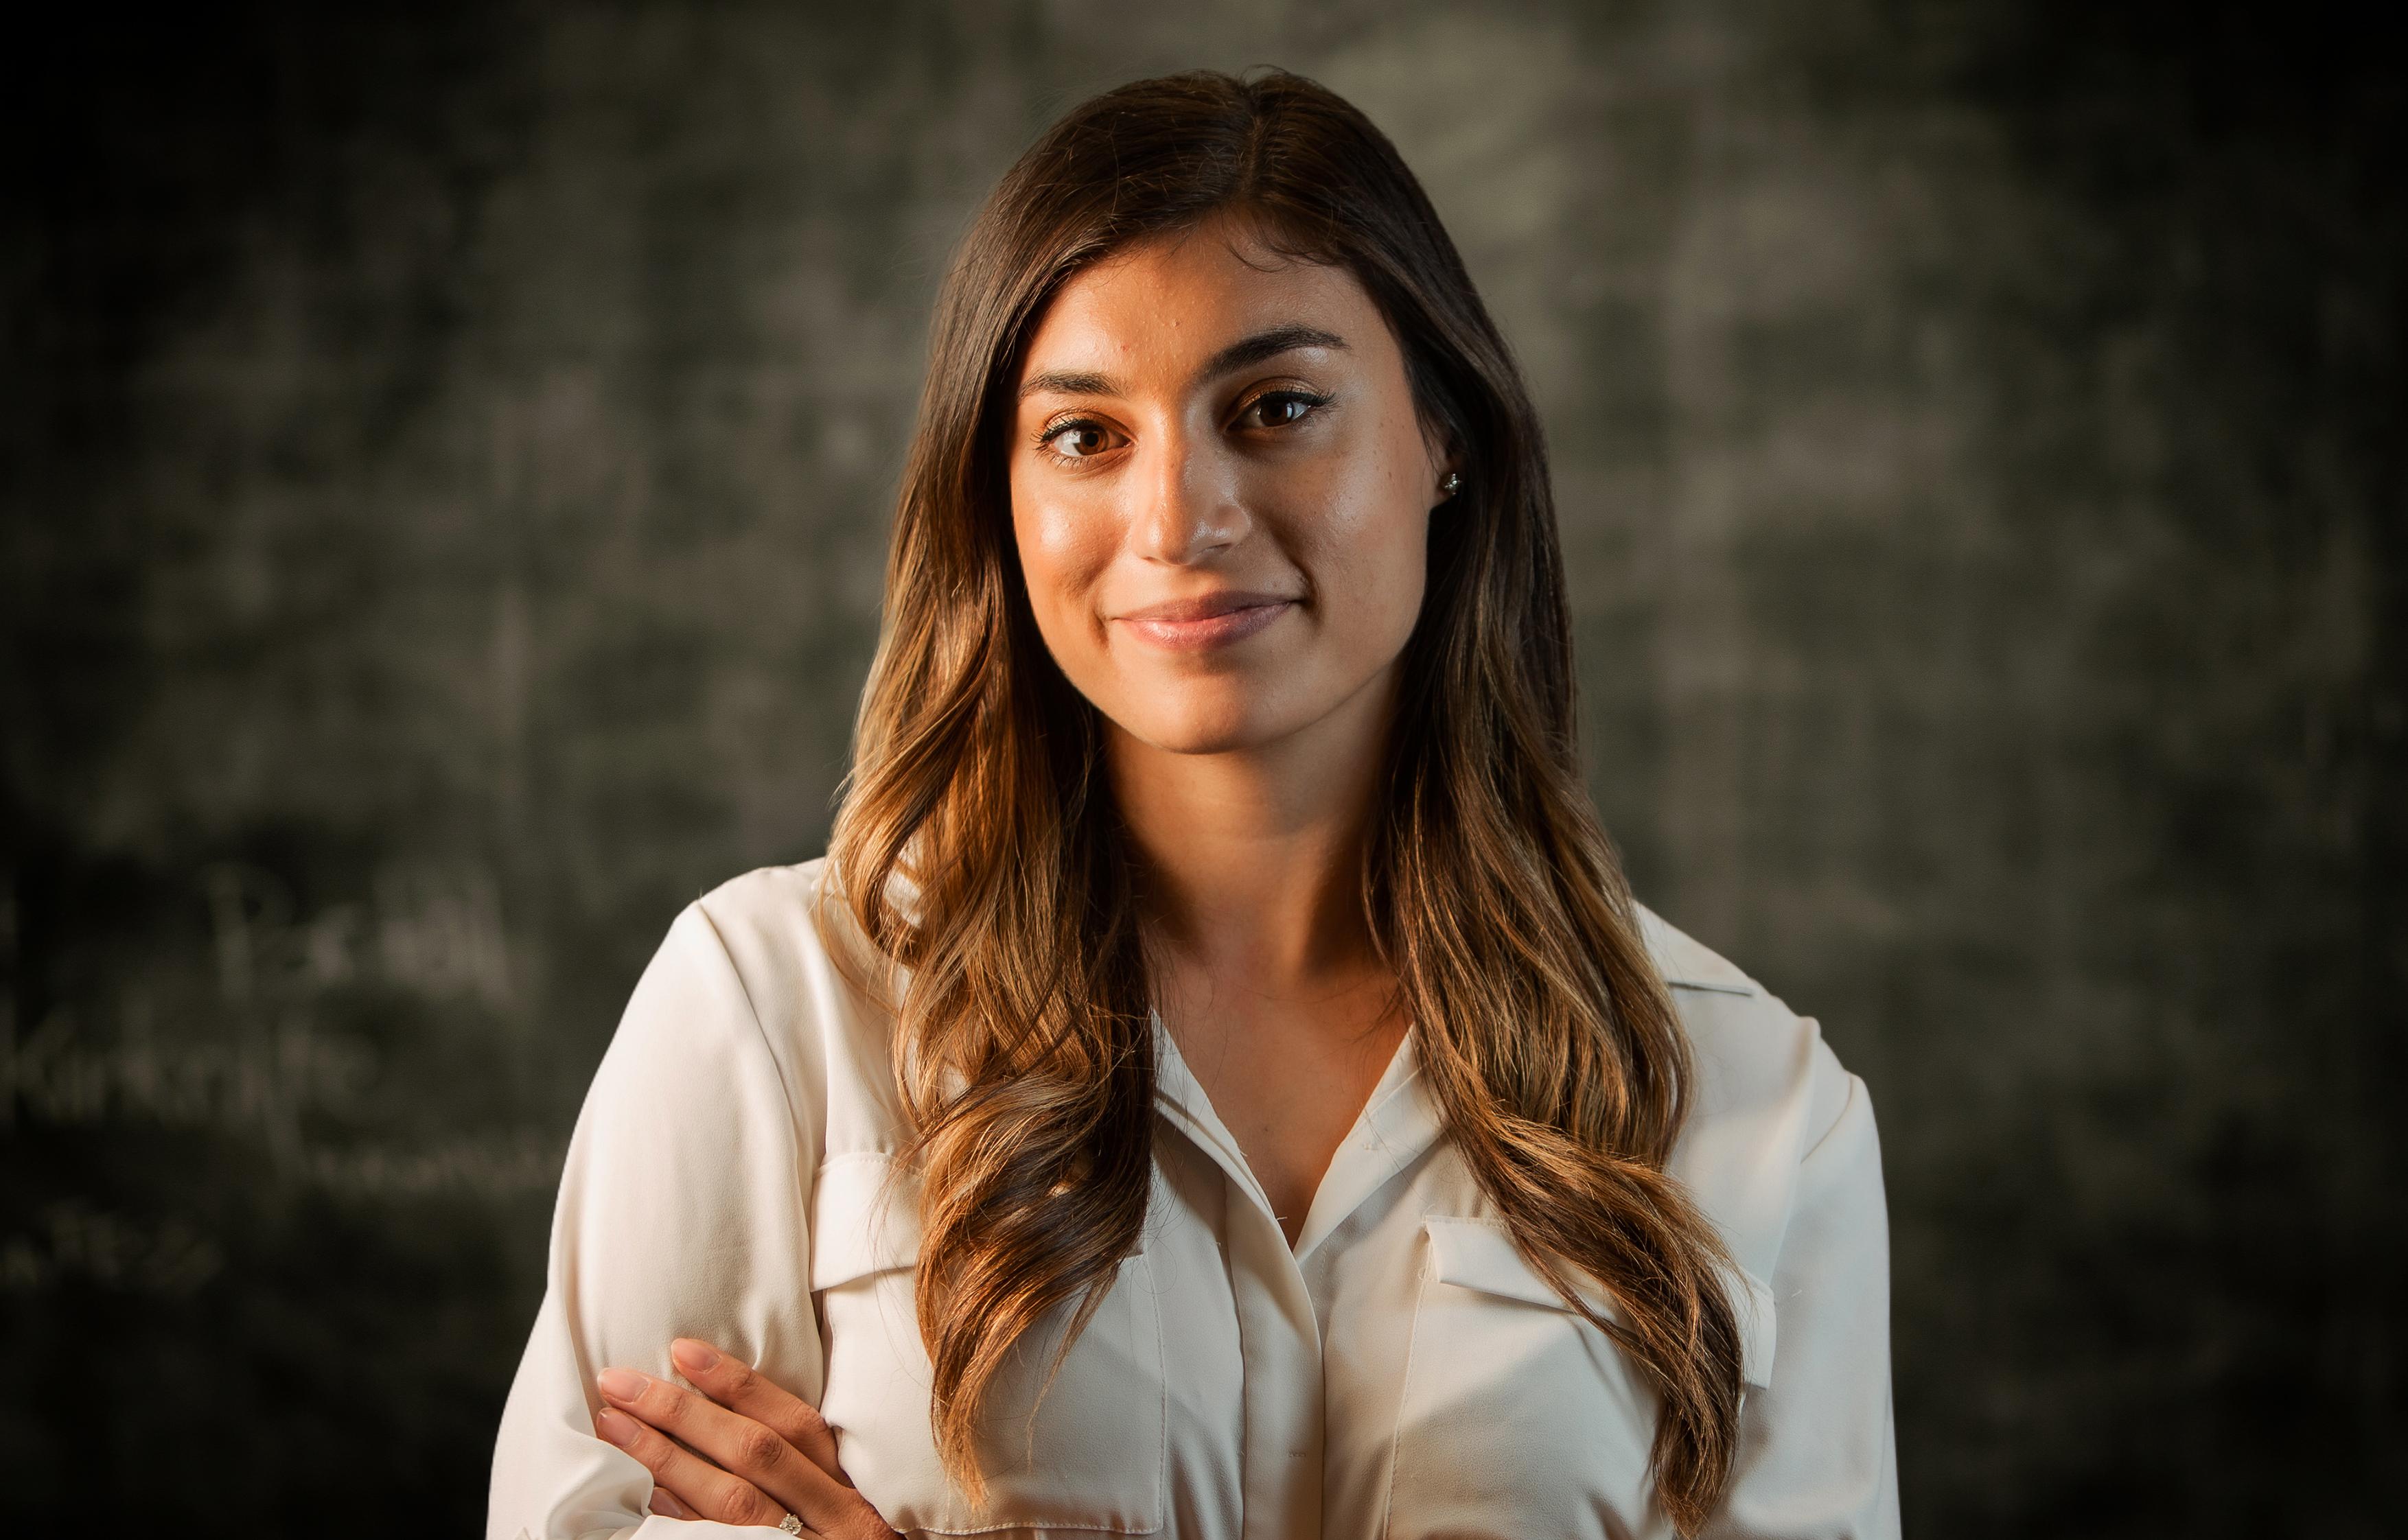 Stephanie Colello